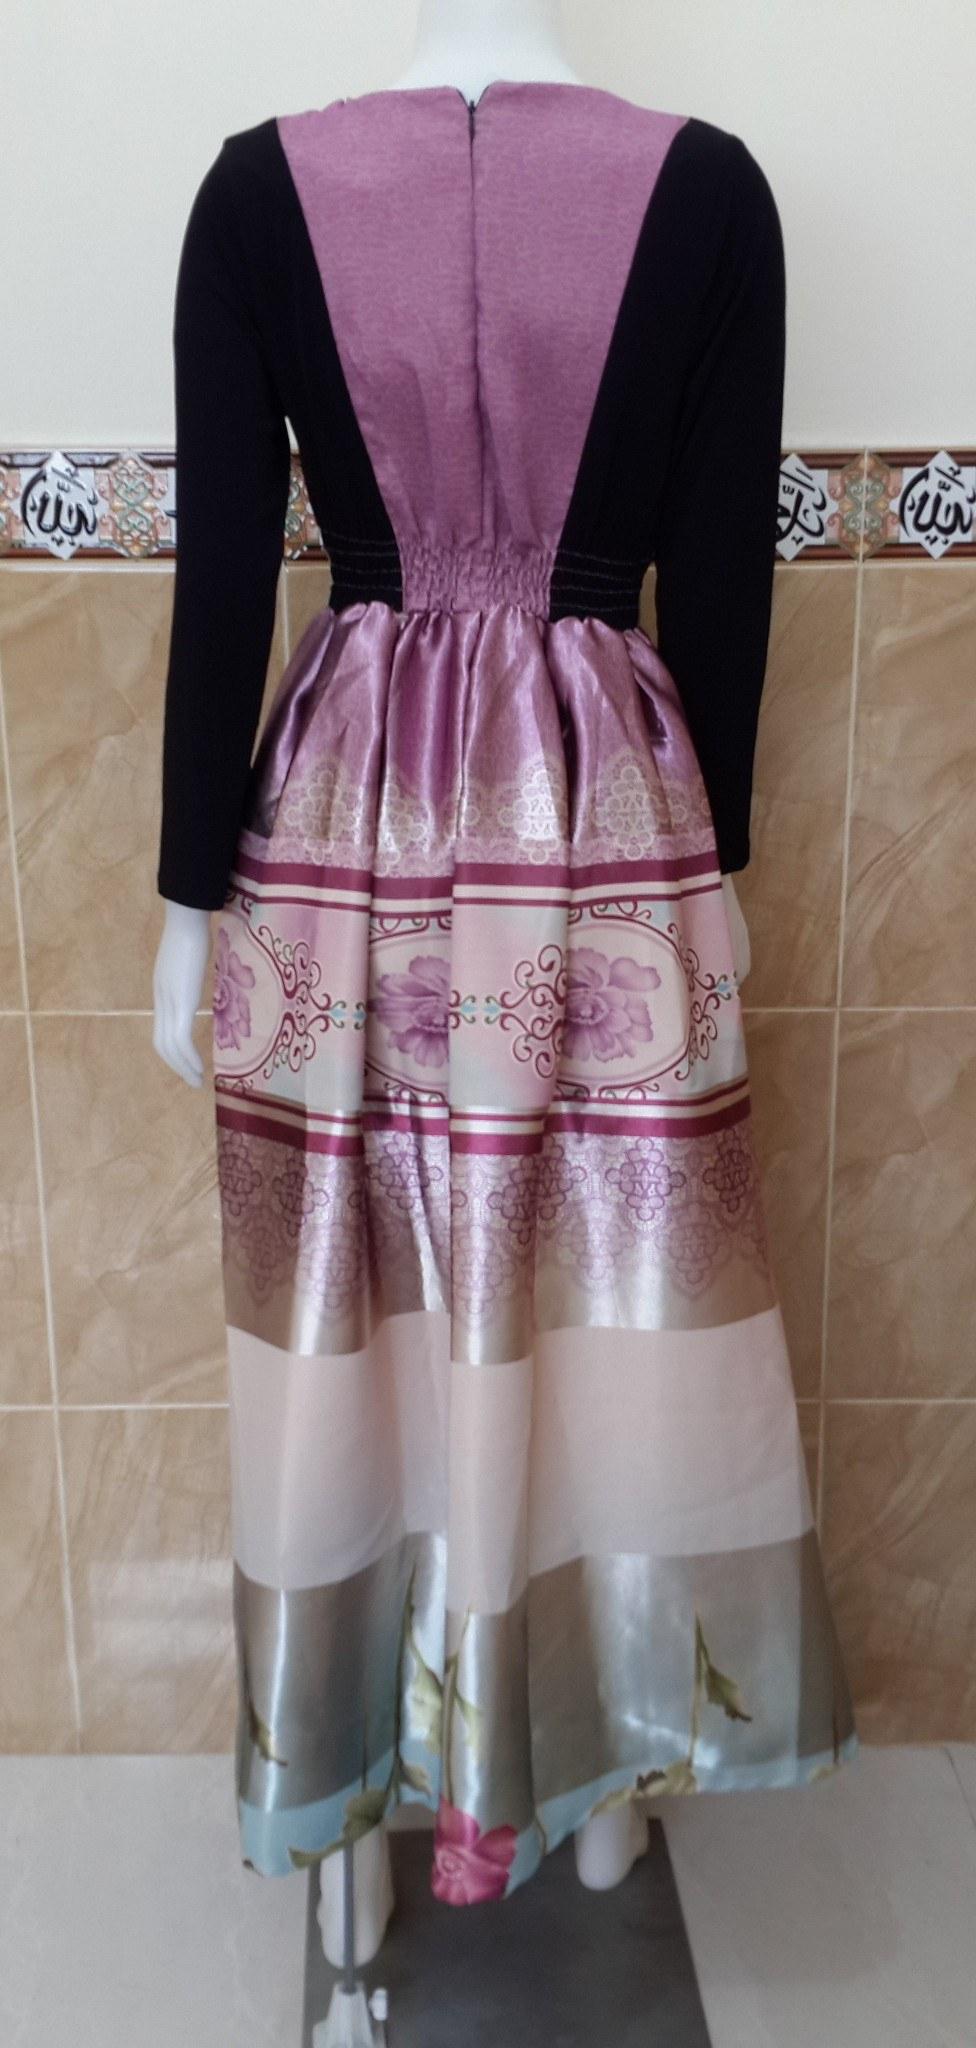 Ide Gamis Untuk Pernikahan Rldj Gamis Pernikahan Cantik Jual Mainboard W210cumb 0d Bekas Mb